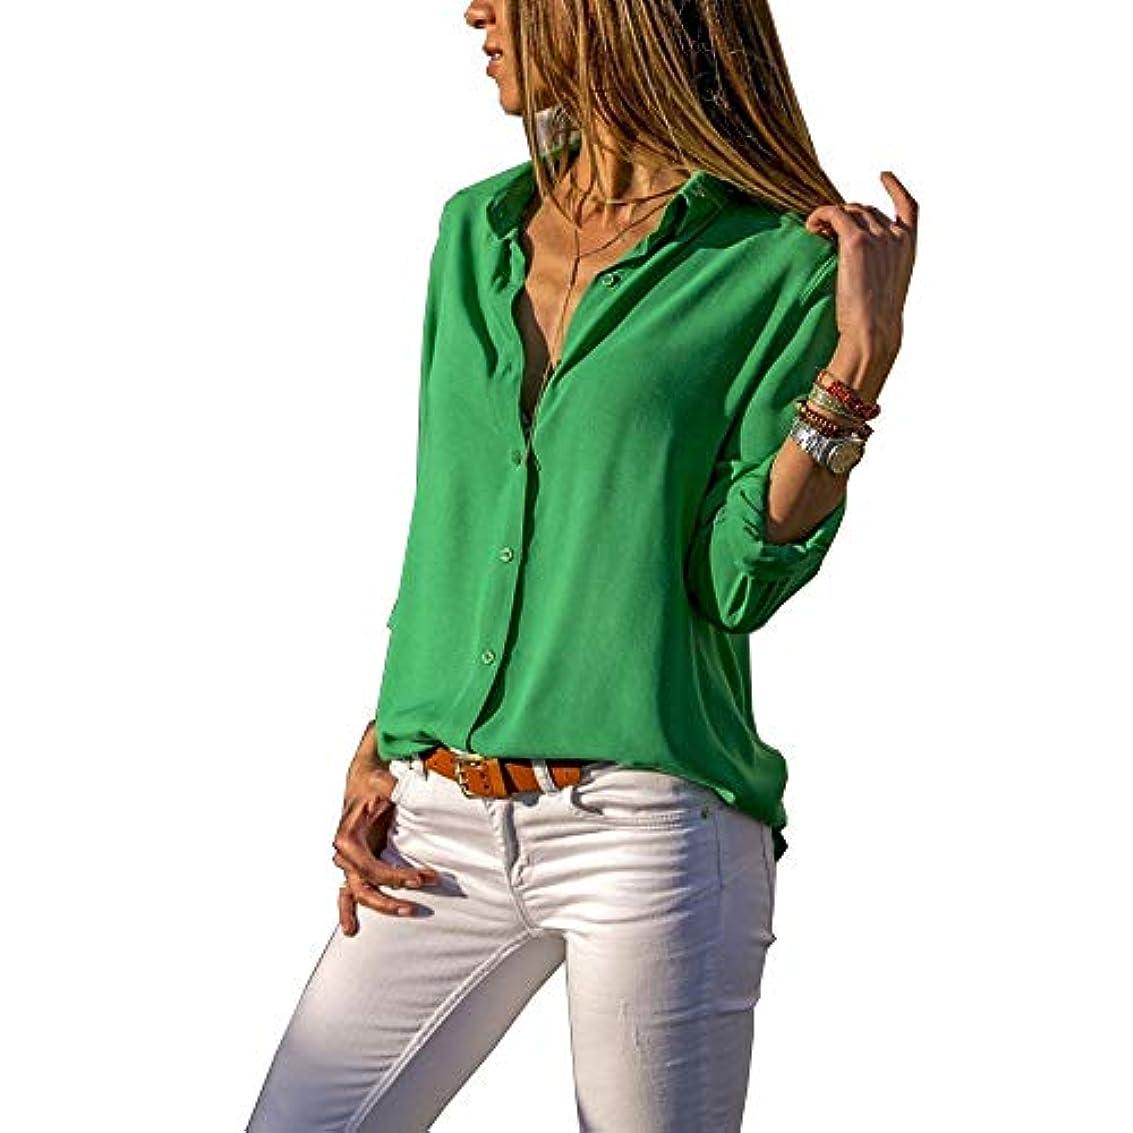 続編フィドルソフィーMIFAN ルーズシャツ、トップス&Tシャツ、プラスサイズ、トップス&ブラウス、シフォンブラウス、女性トップス、シフォンシャツ